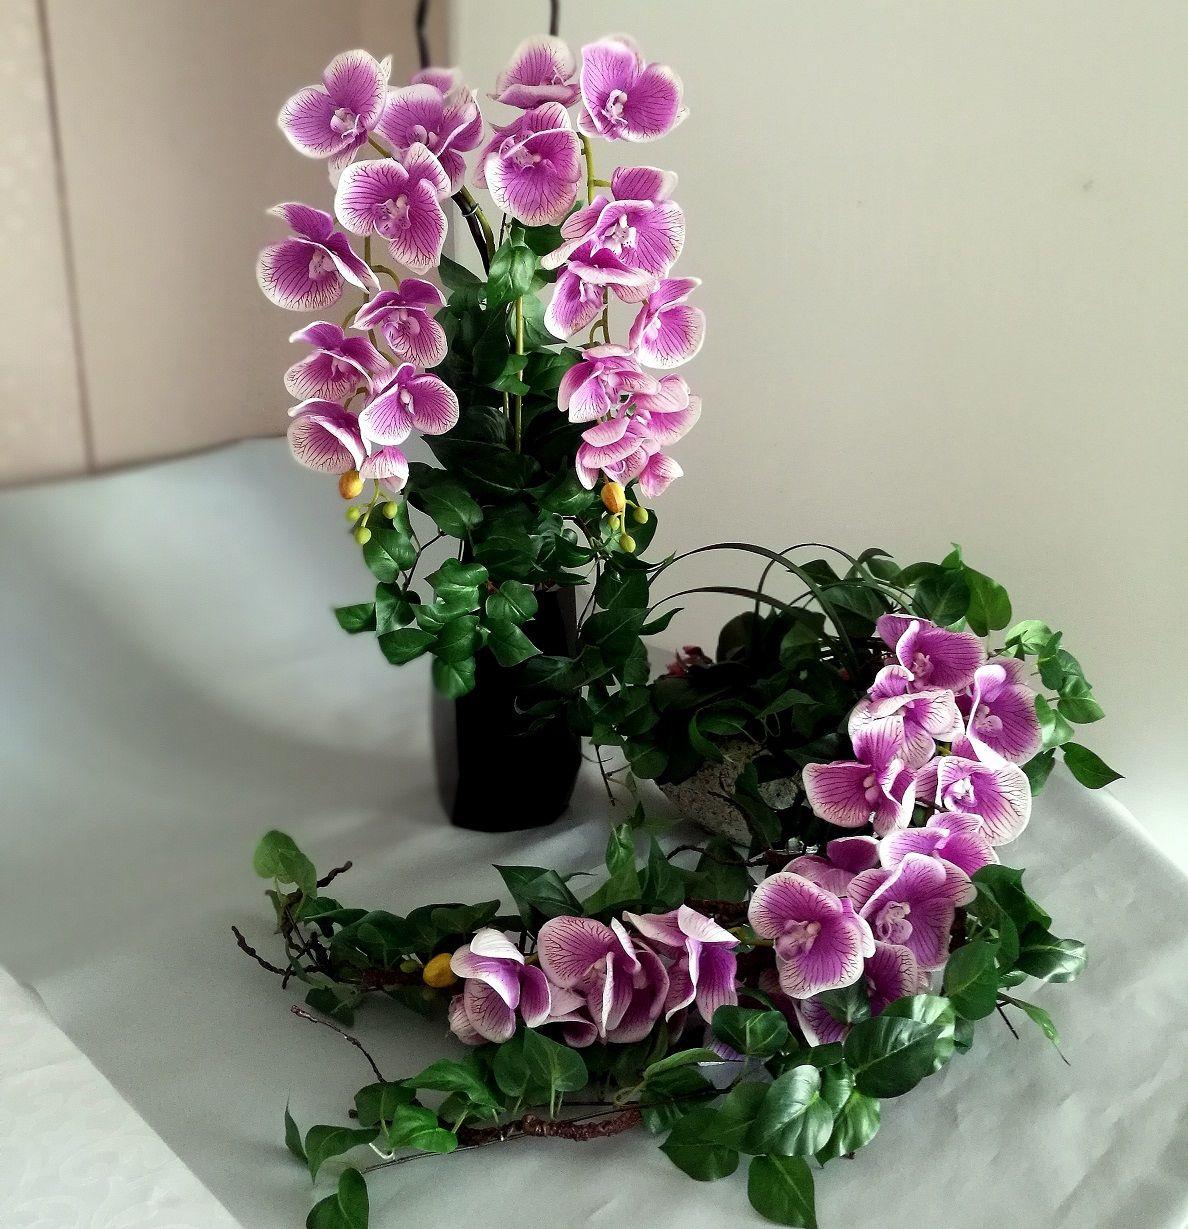 Kompozycja Nagrobna Fioletowy Storczyk Bukiet Nr 109 Swiateczne Atelier Plants Glass Vase Decor